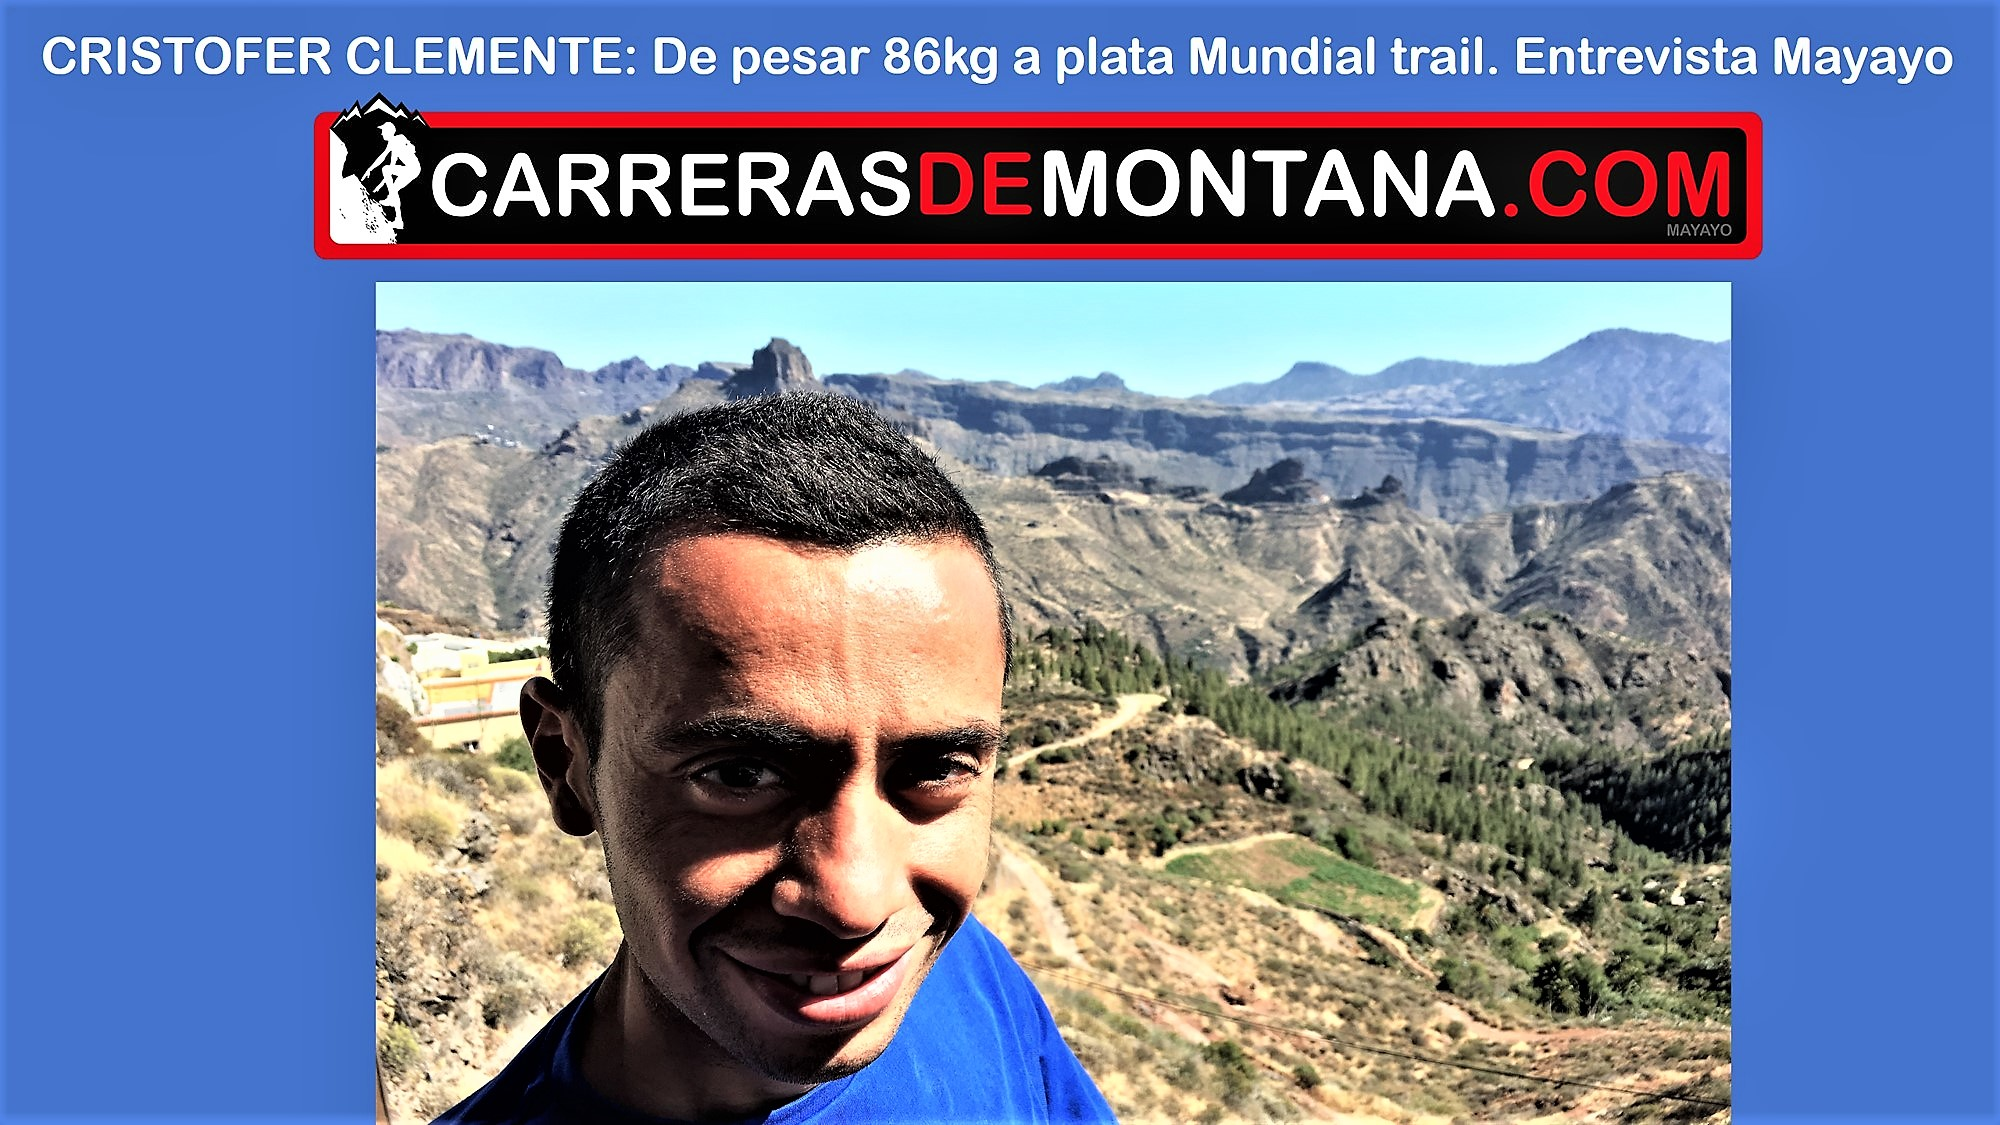 CRISTOFER CLEMENTE, EQUIPO SALOMON: DE PESAR 86KG A LA PLATA MUNDIAL TRAIL 2017. ENTREVISTA POR MAYAYO EN ARTENARA.